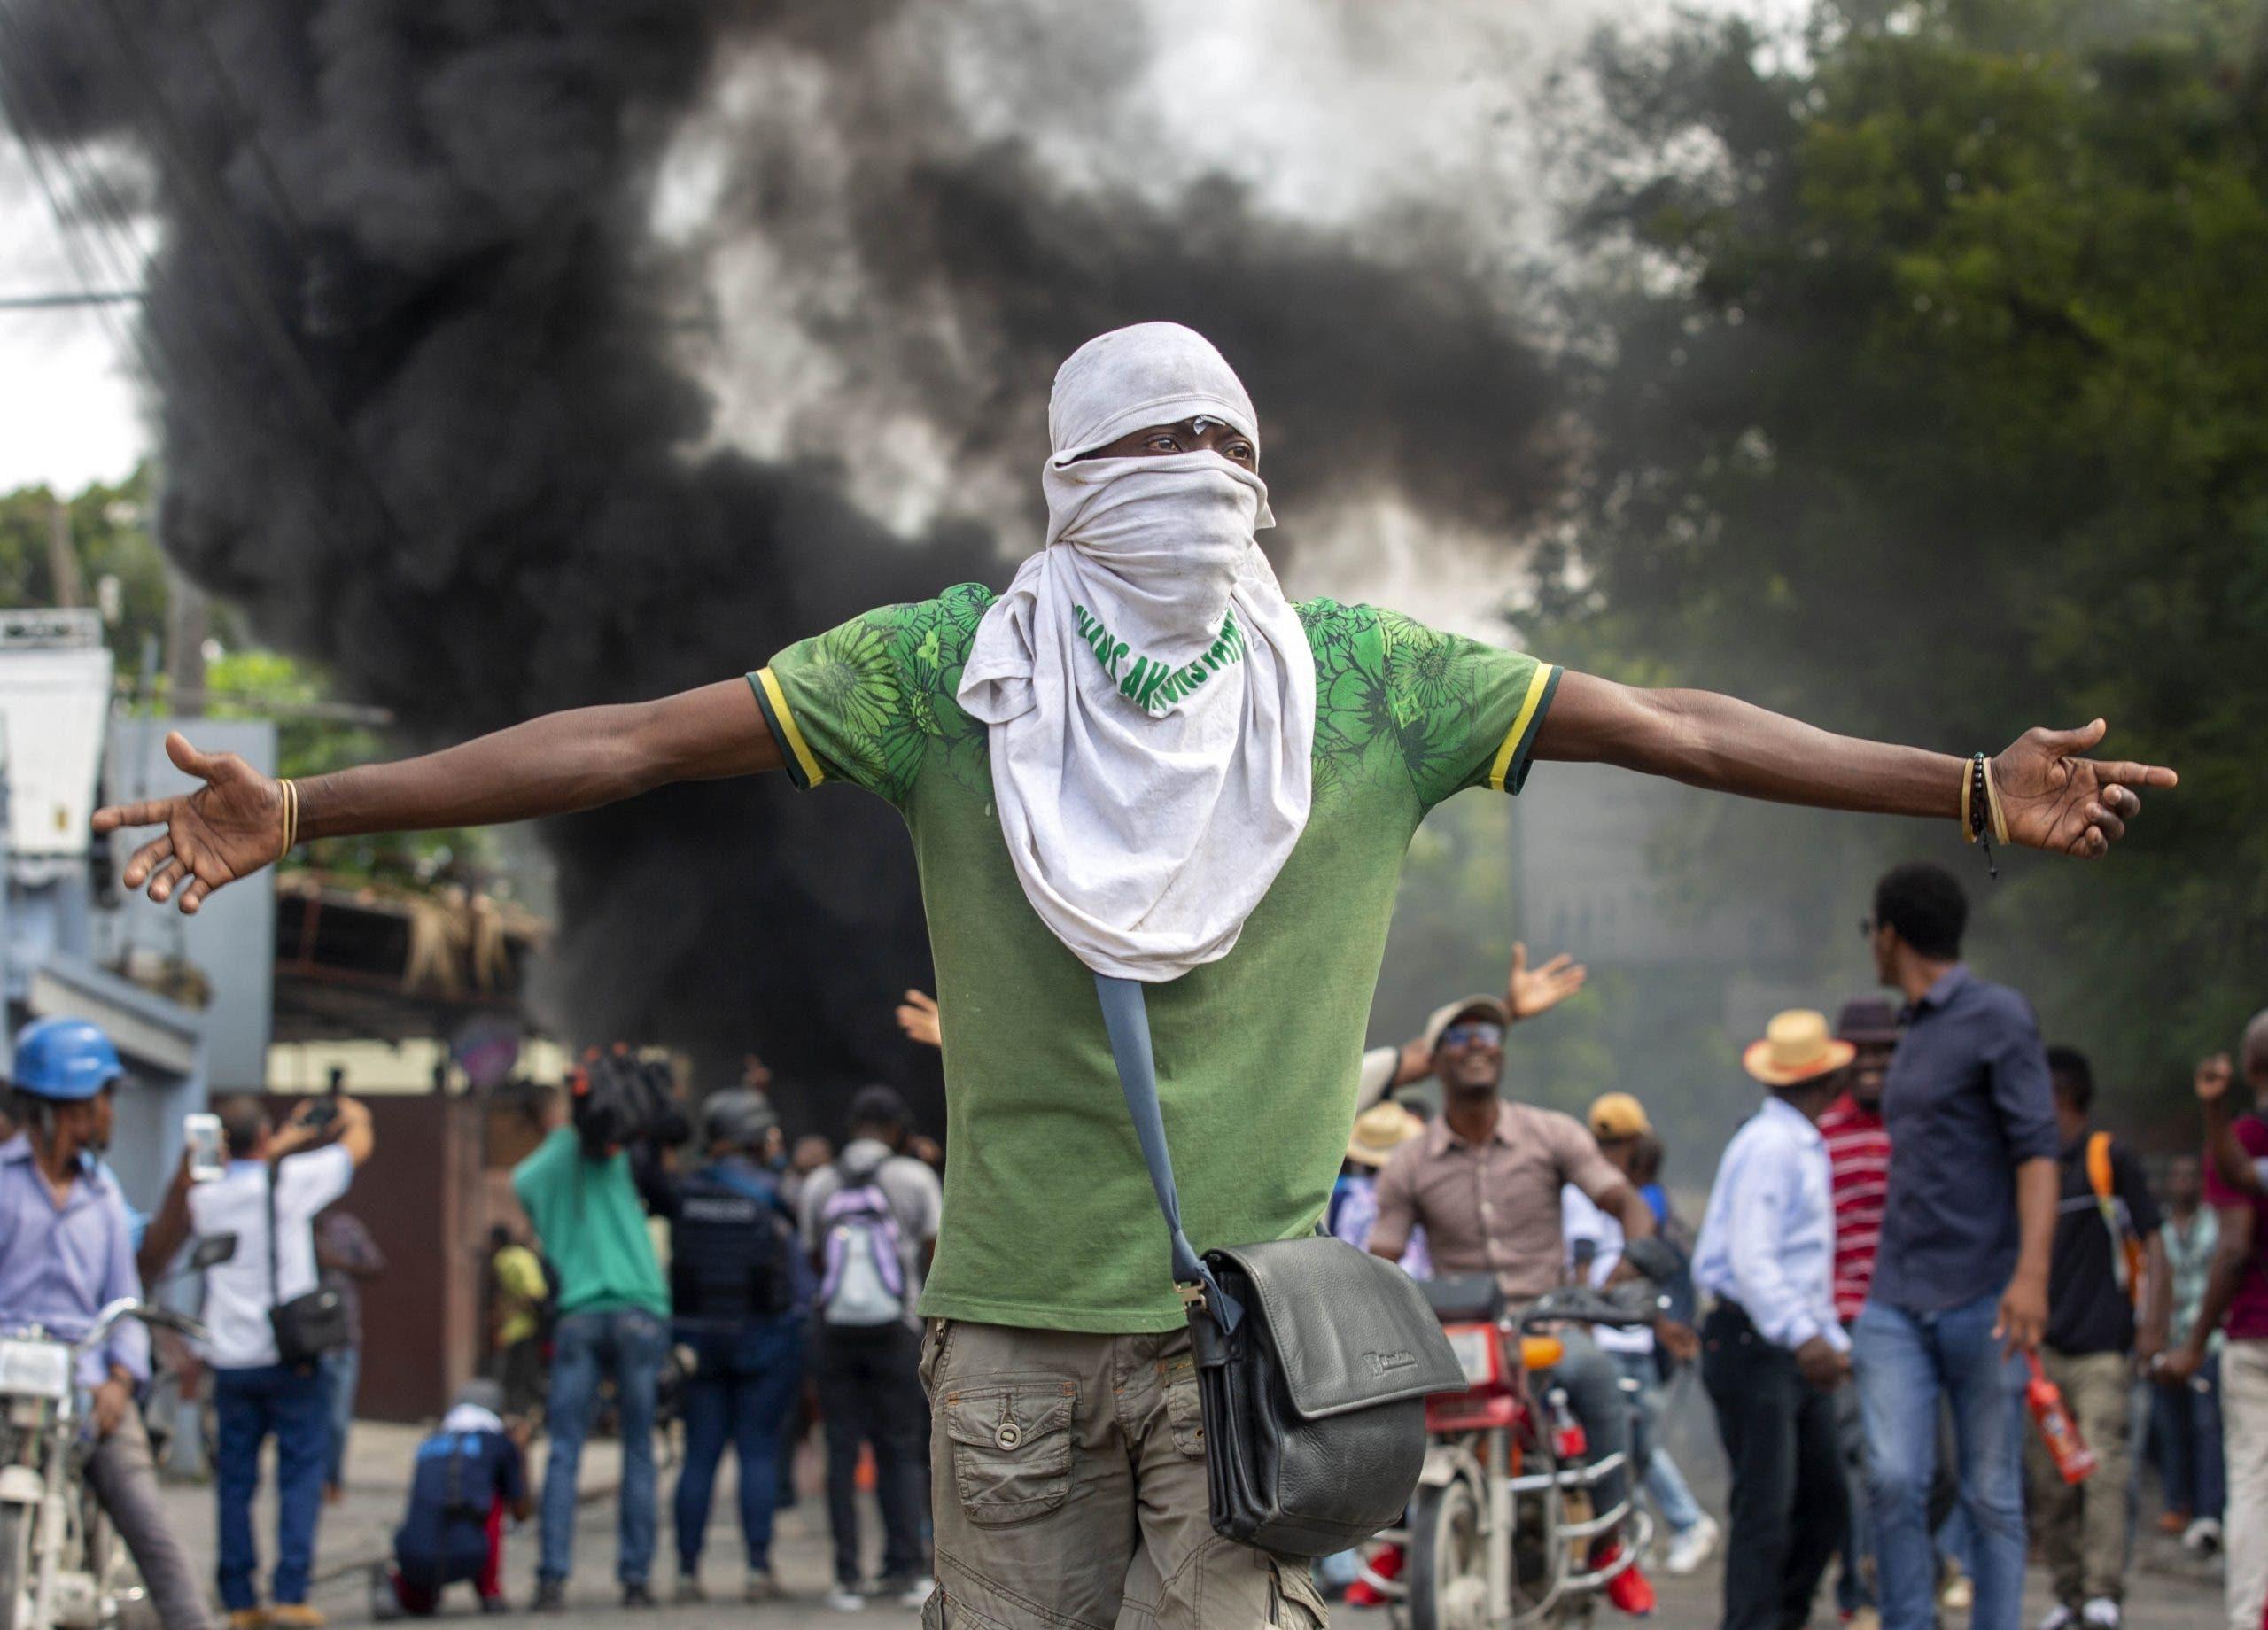 La comunidad internacional cuestiona nuevos decretos sobre seguridad en Haití